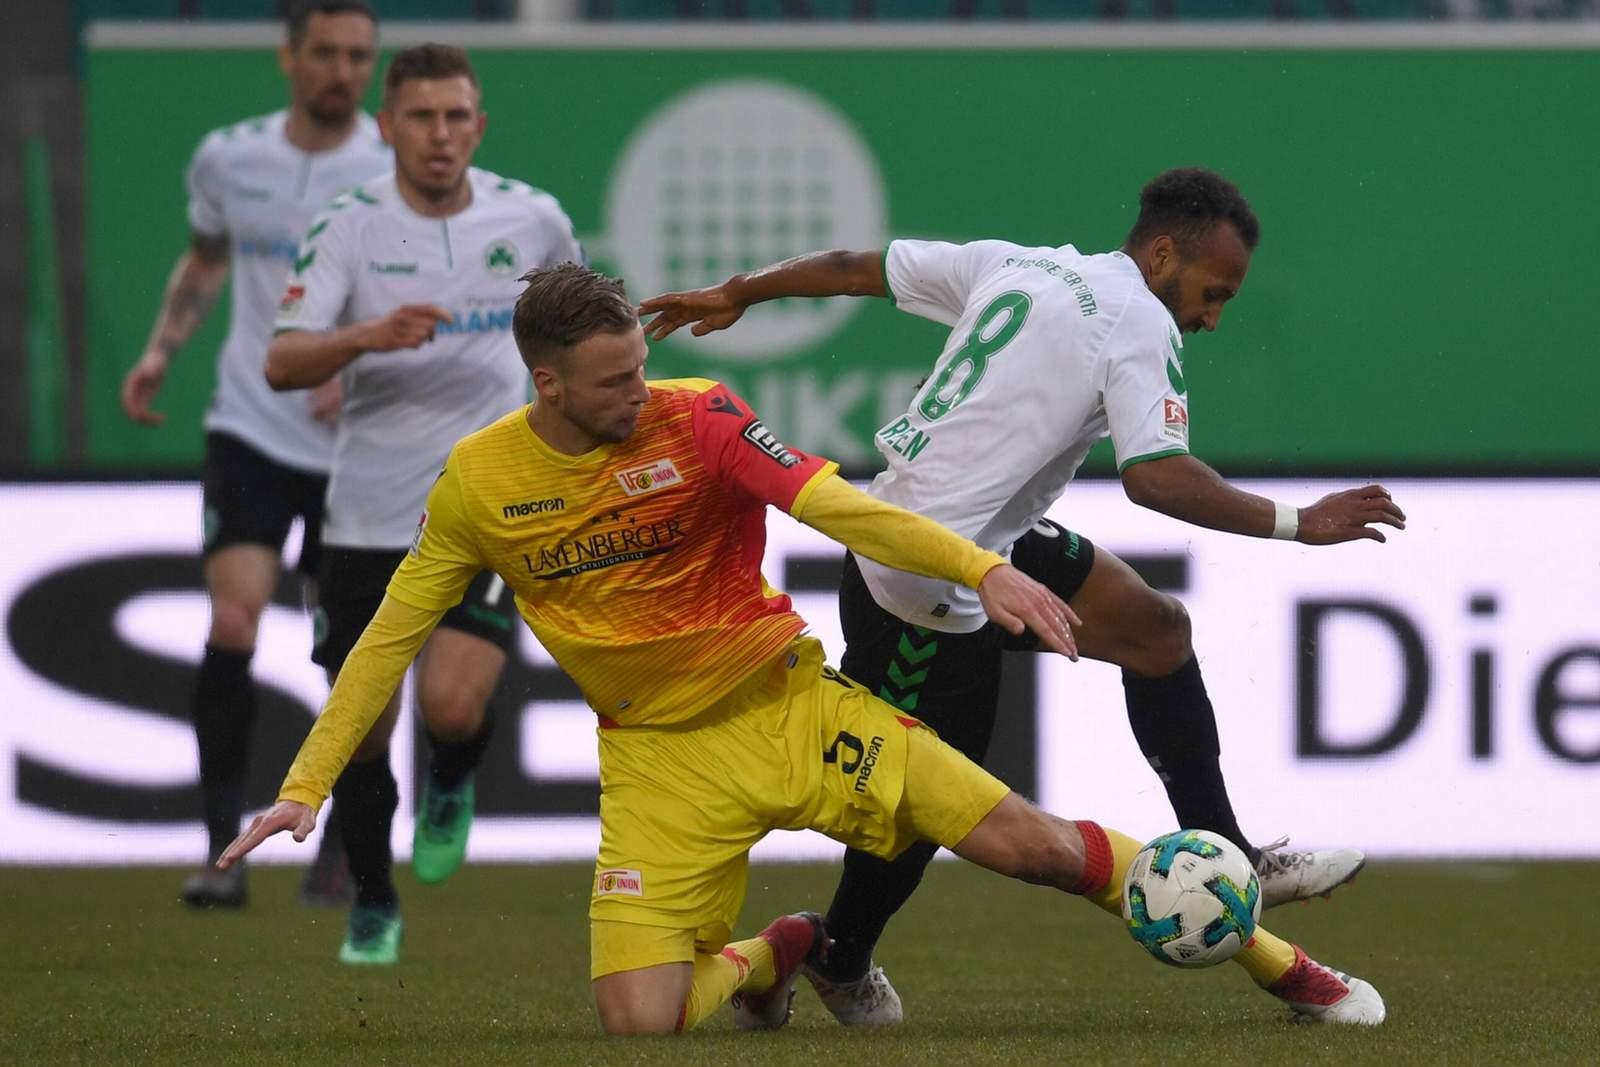 Stellt sich Marvin Friedrich auch Julian Green erfolgreich in den Weg? Jetzt auf Union Berlin gegen Fürth wetten.